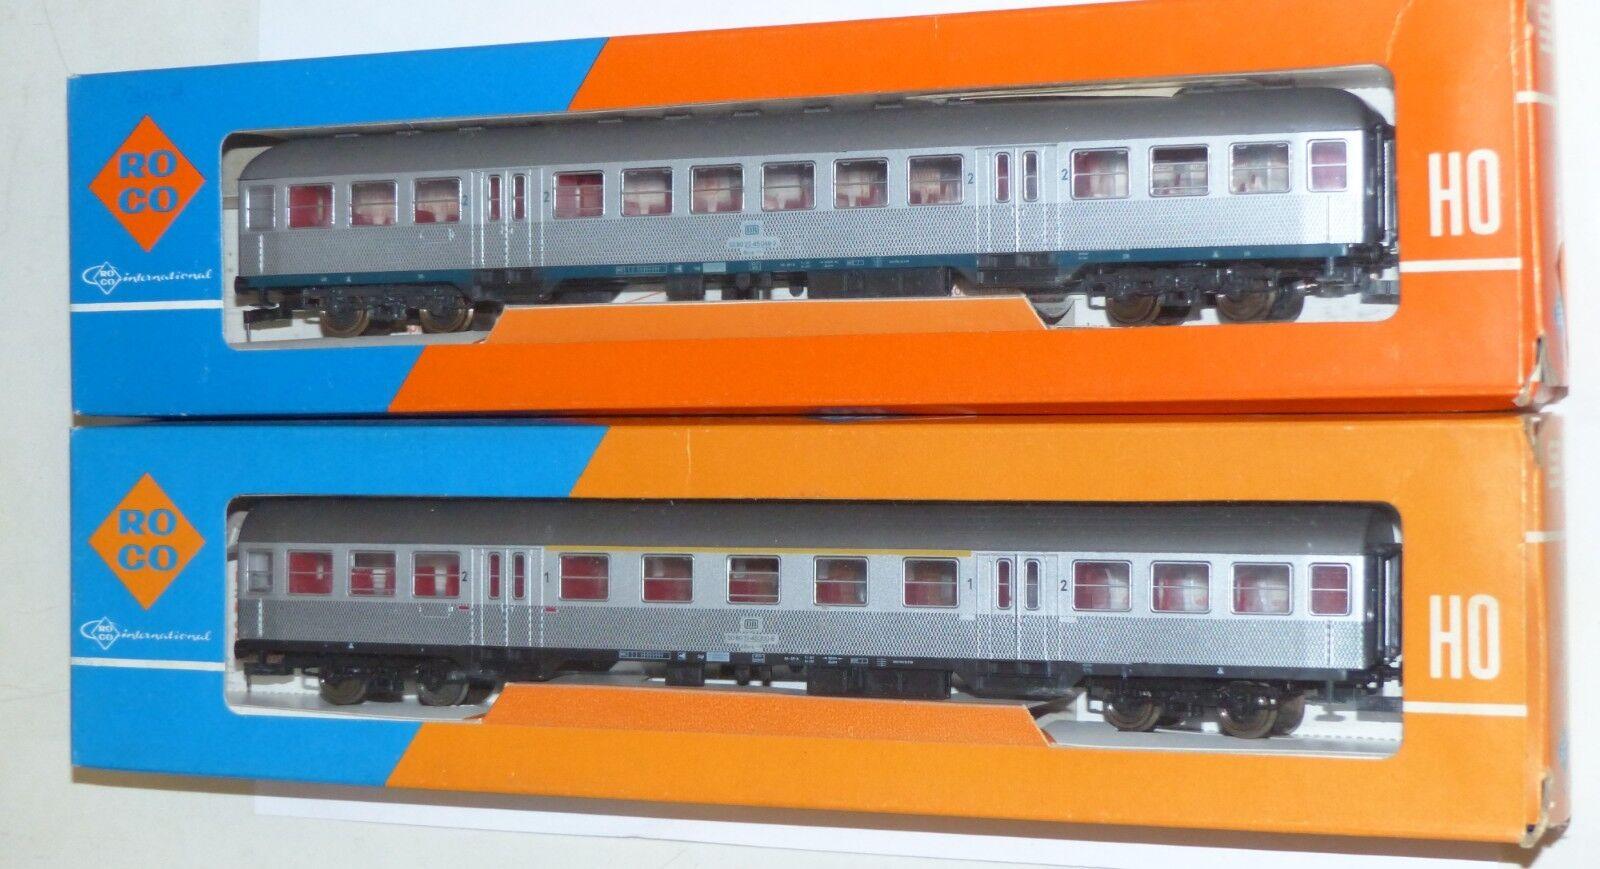 2 Roco Personenwagen silverling  4265 und 4266 OVP H0 1 87 guter Zustand